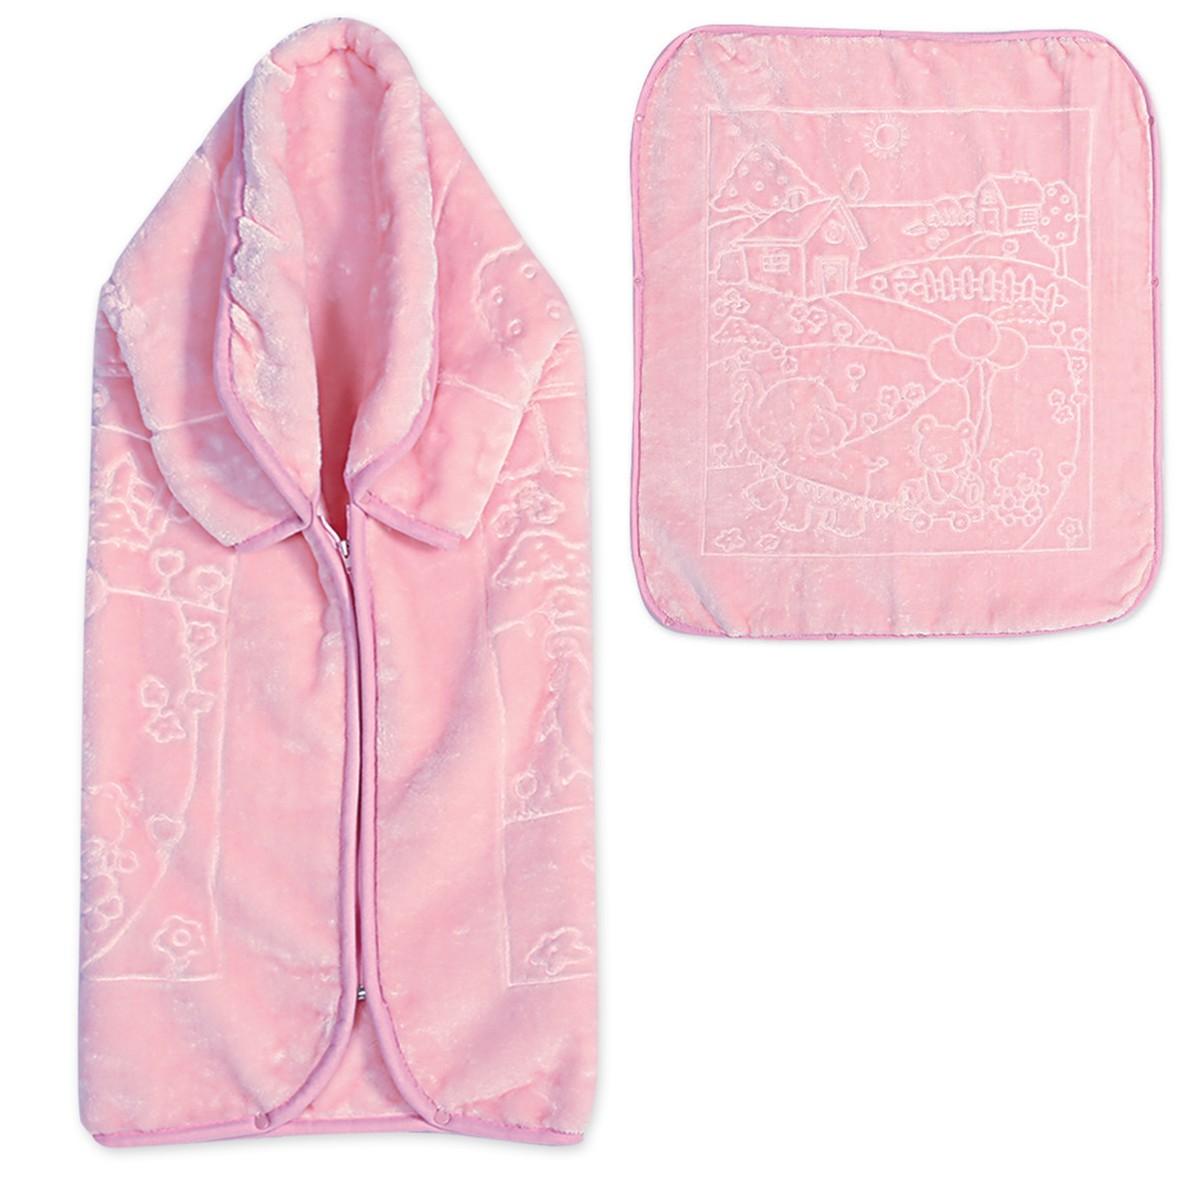 Υπνόσακος Κουβέρτα Βελουτέ Nef-Nef Play House Pink home   βρεφικά   υπνόσακοι βρεφικοί